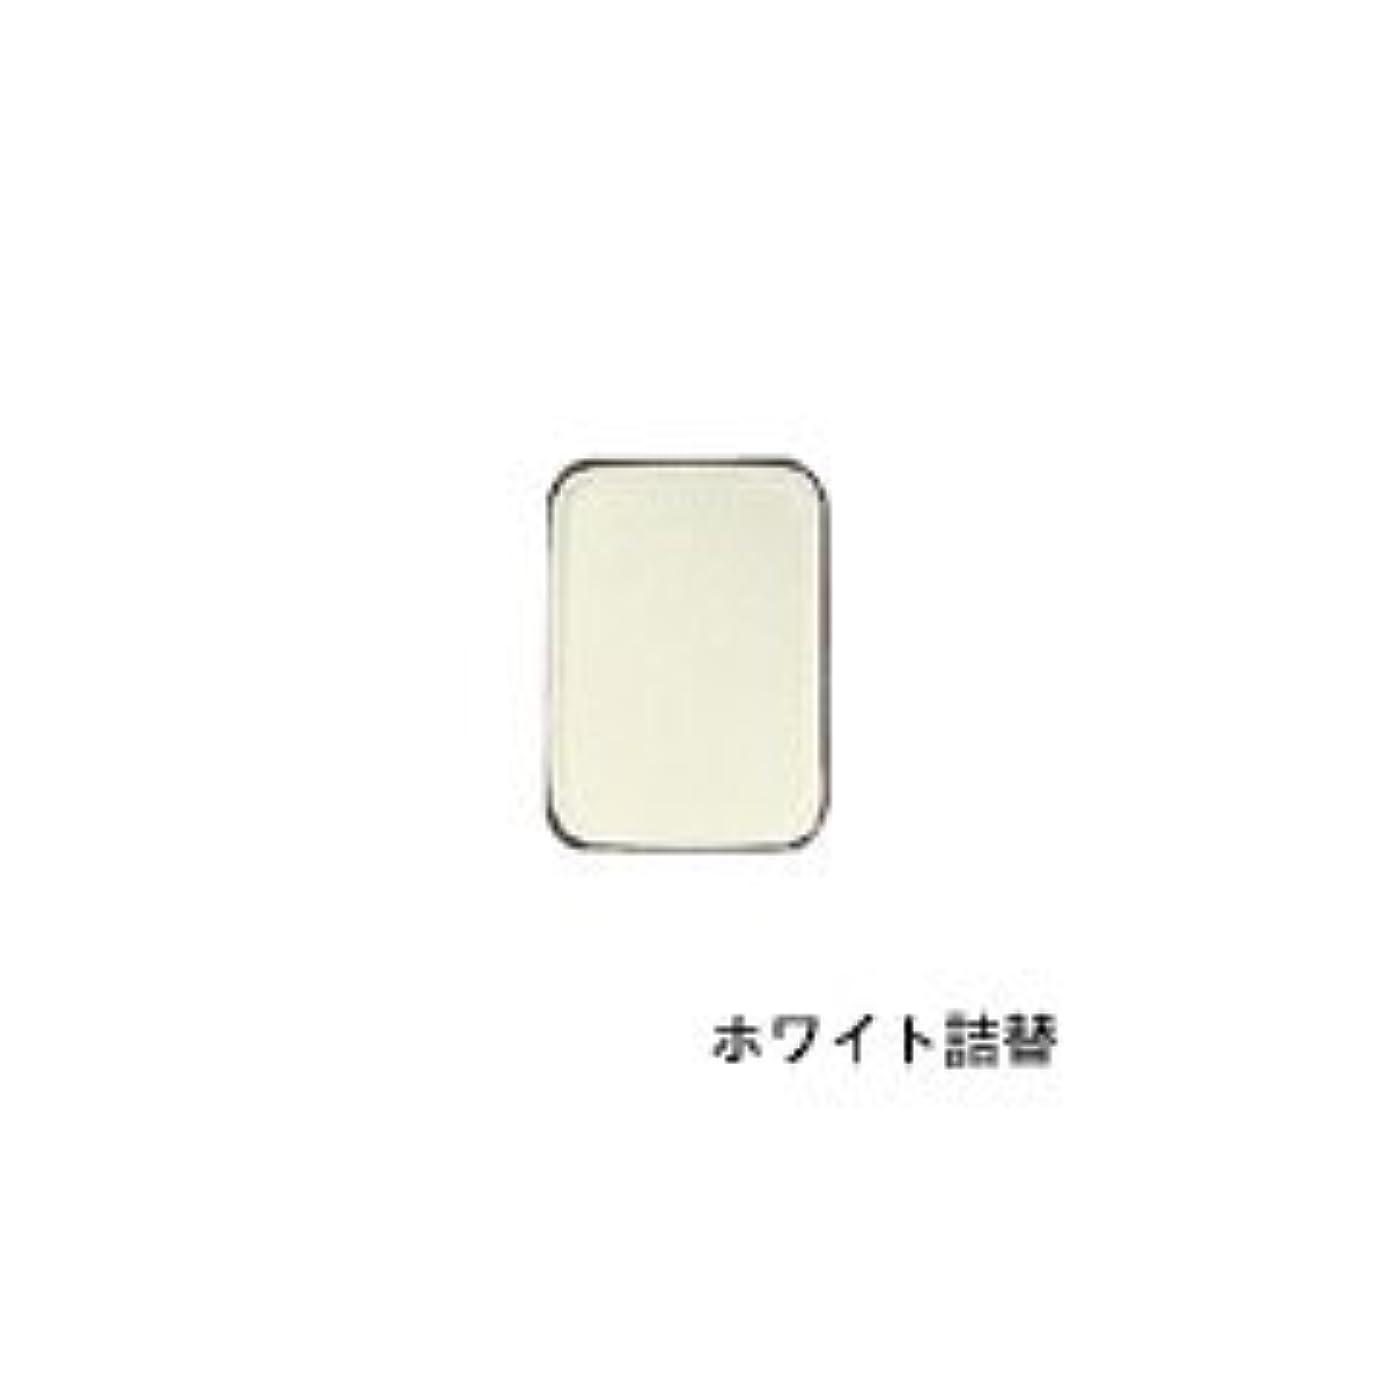 者ありがたい笑いリマナチュラル ピュアアイカラー 詰替用 ホワイト×2個       JAN:4514991230439